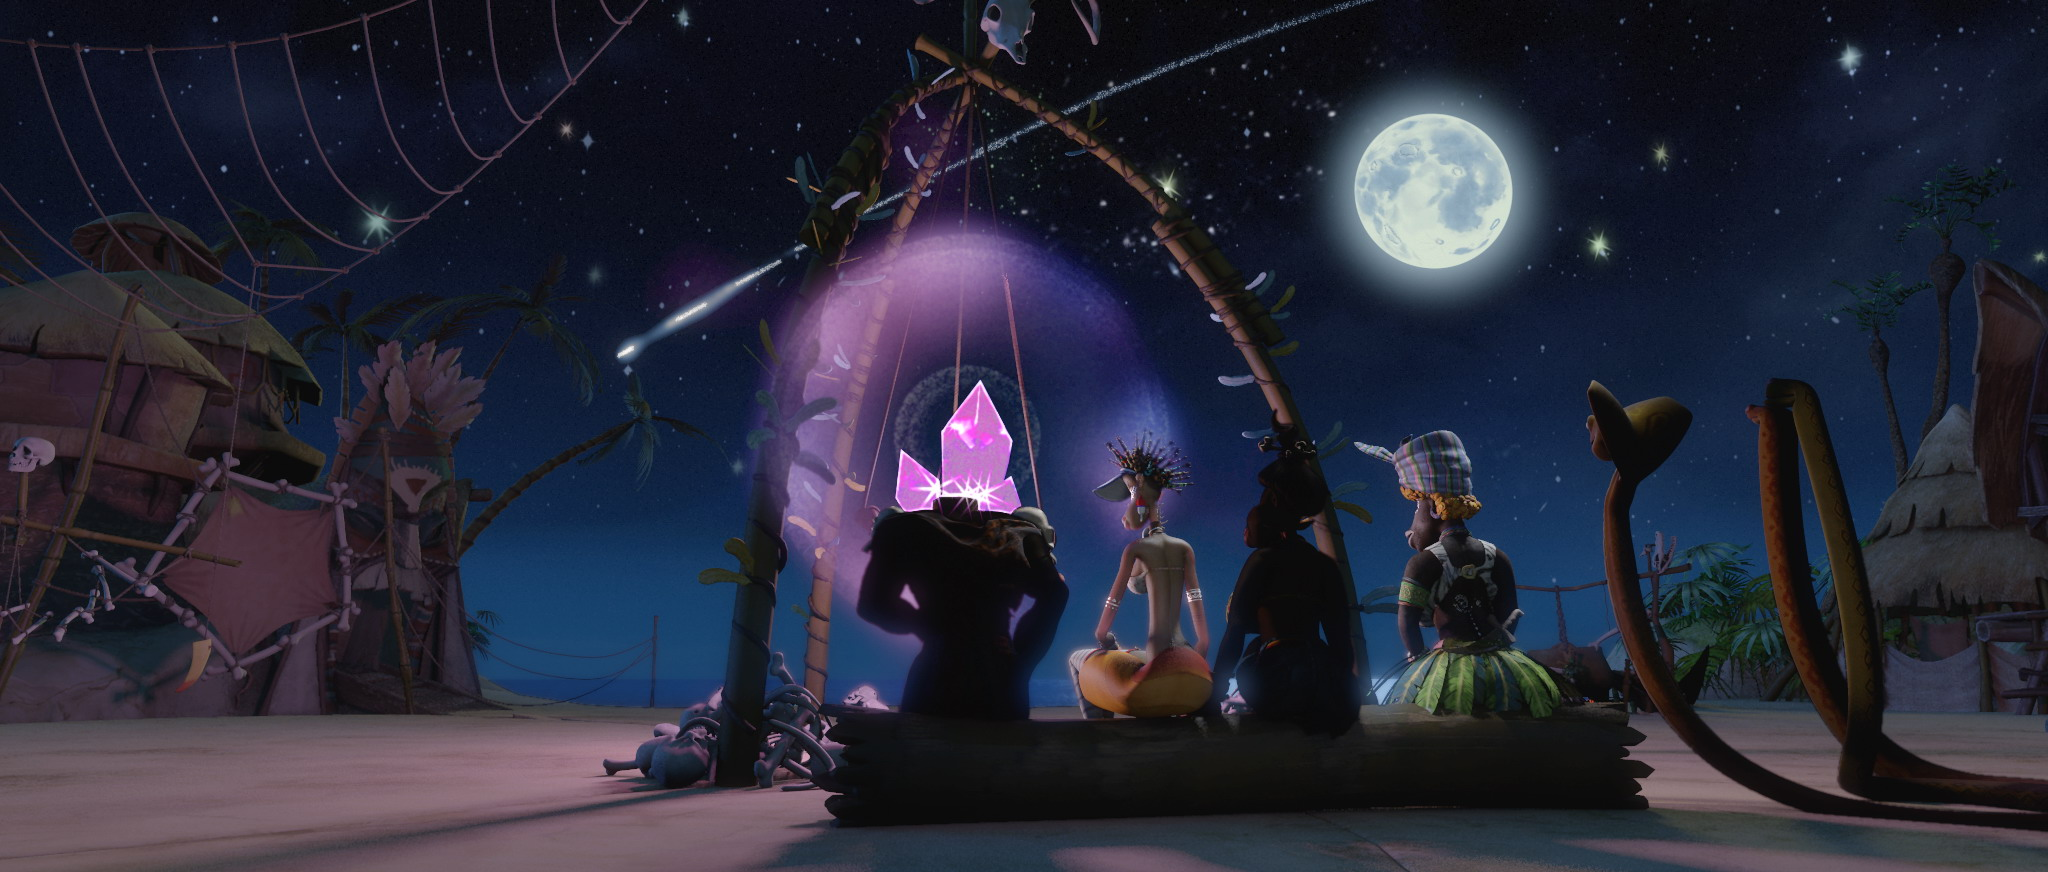 кадры из фильма Новые приключения Аленушки и Еремы